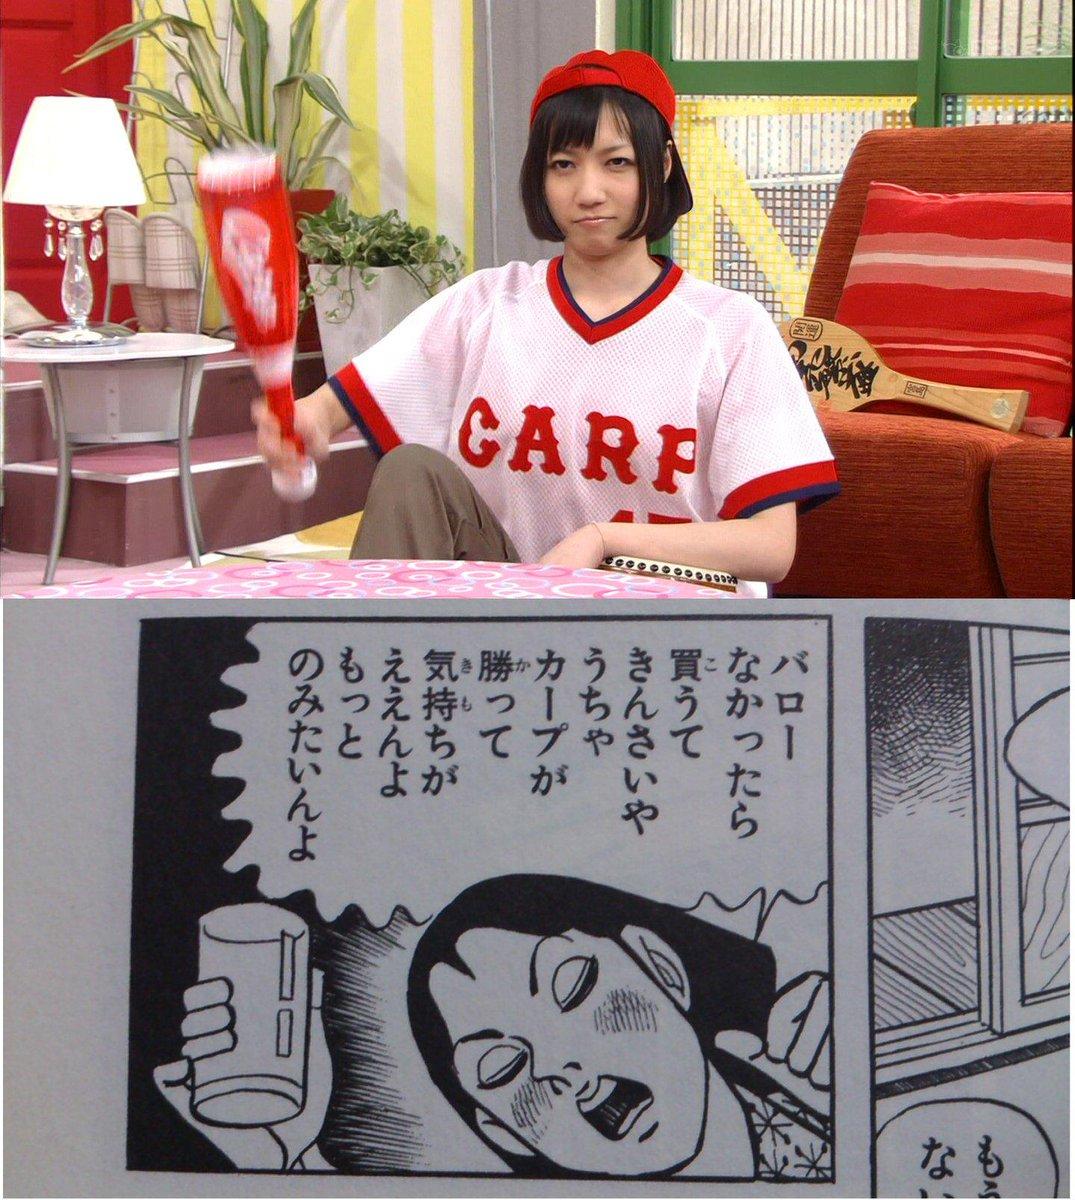 上:理想のカープ女子 下:現実のカープ女子 http://t.co/idodnD4VIP